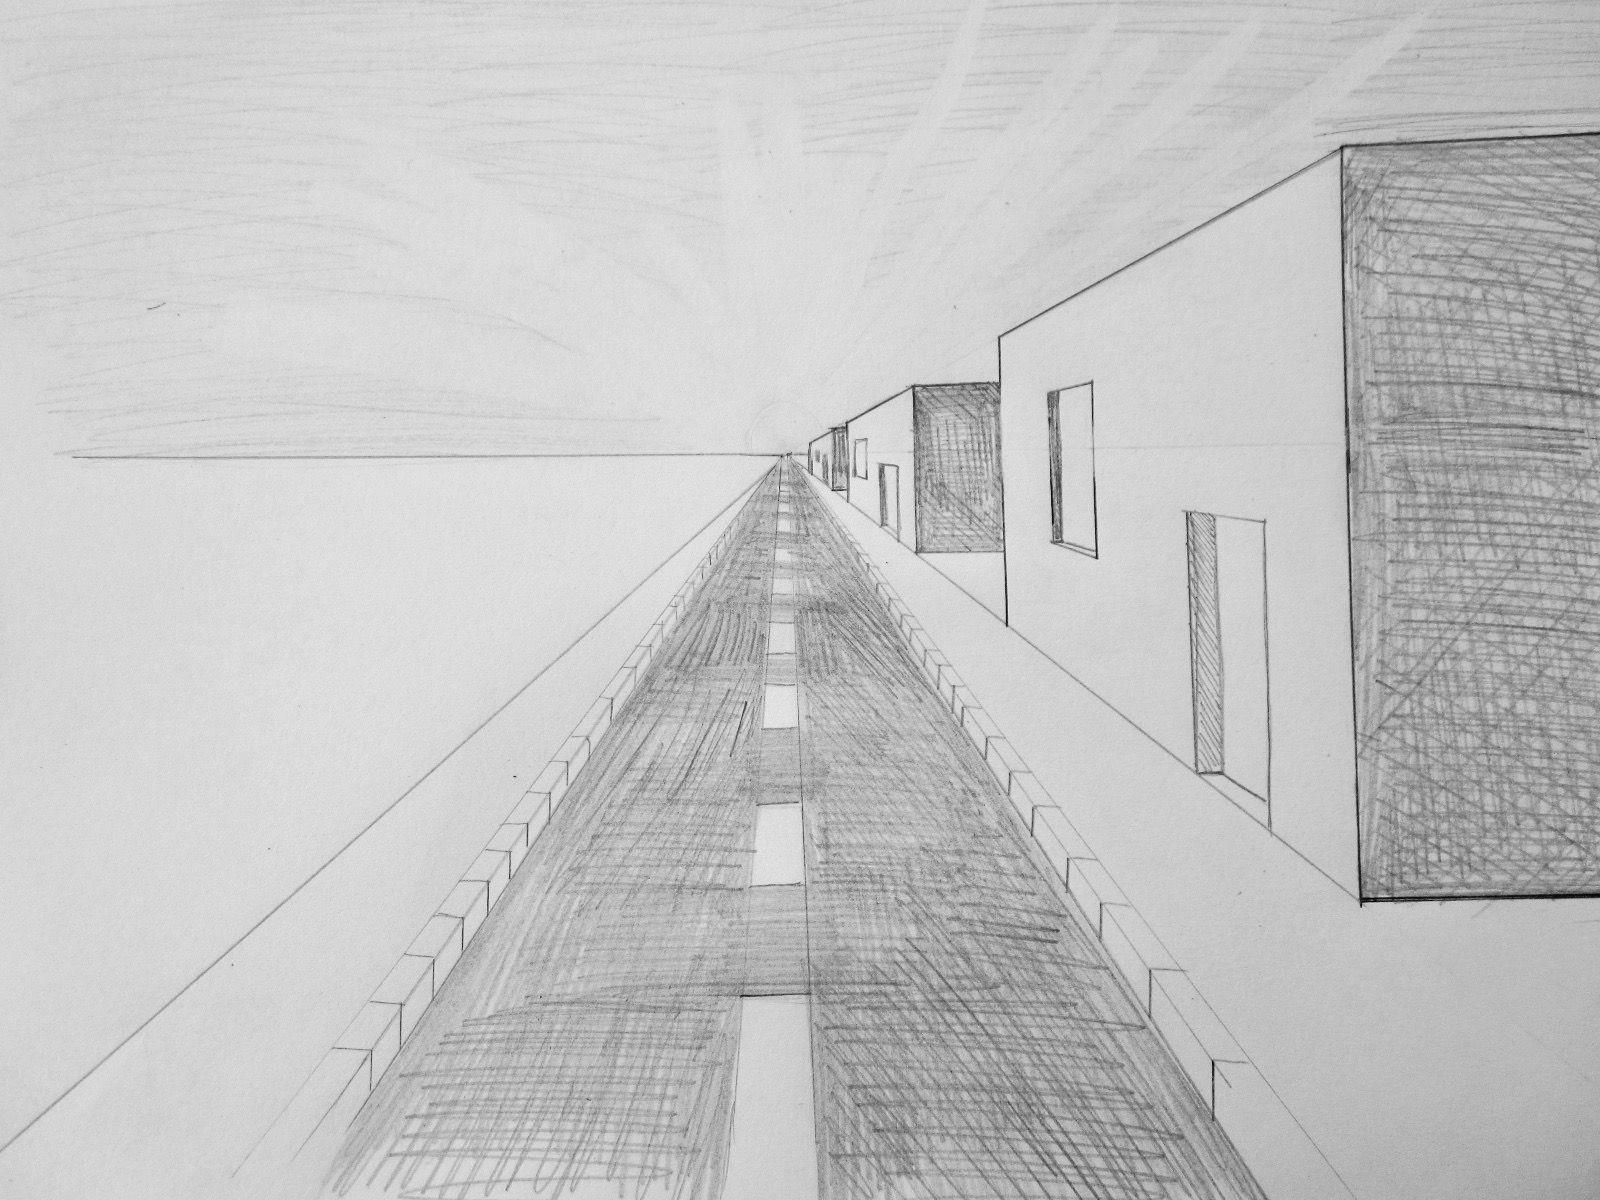 Perspektive Zeichnen StraГџe